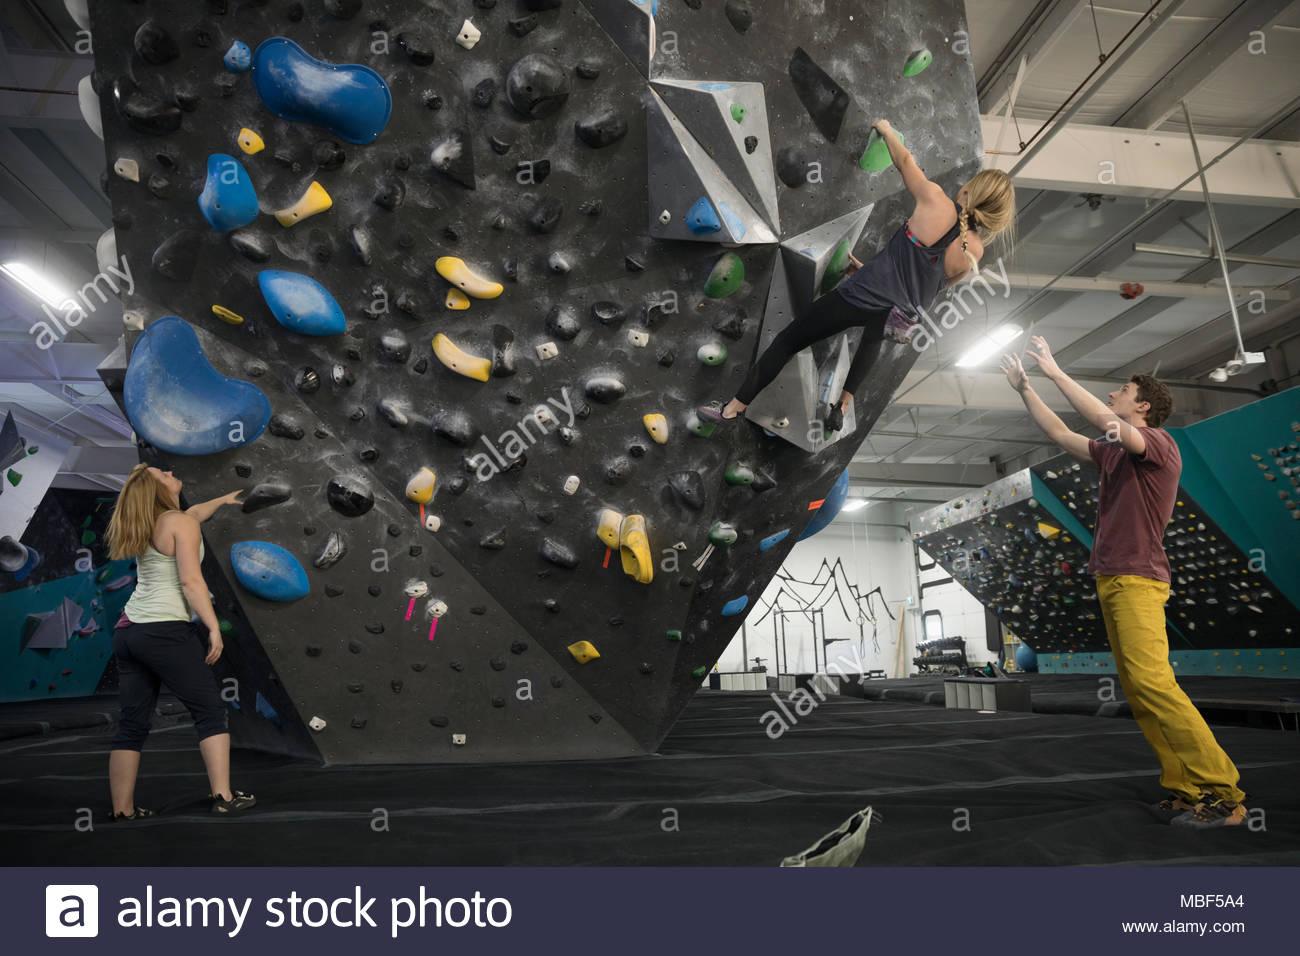 Rock climber spotting partner climbing wall at climbing gym - Stock Image